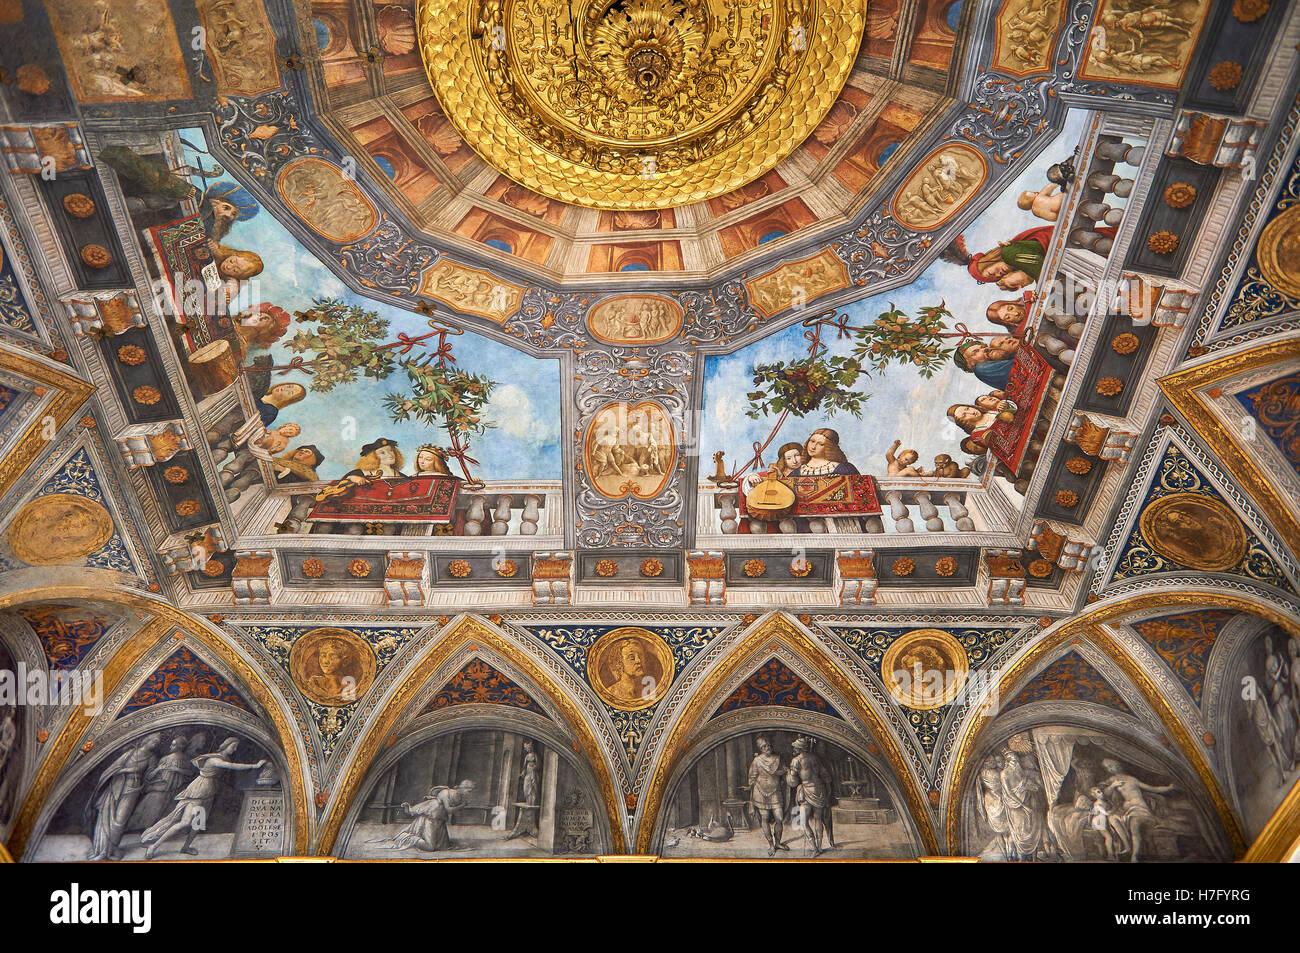 Renaissance Deckengemälde von Benevento Tisi auch bekannt als il Garofalo, von der Ferrara Renaissance School Stockbild